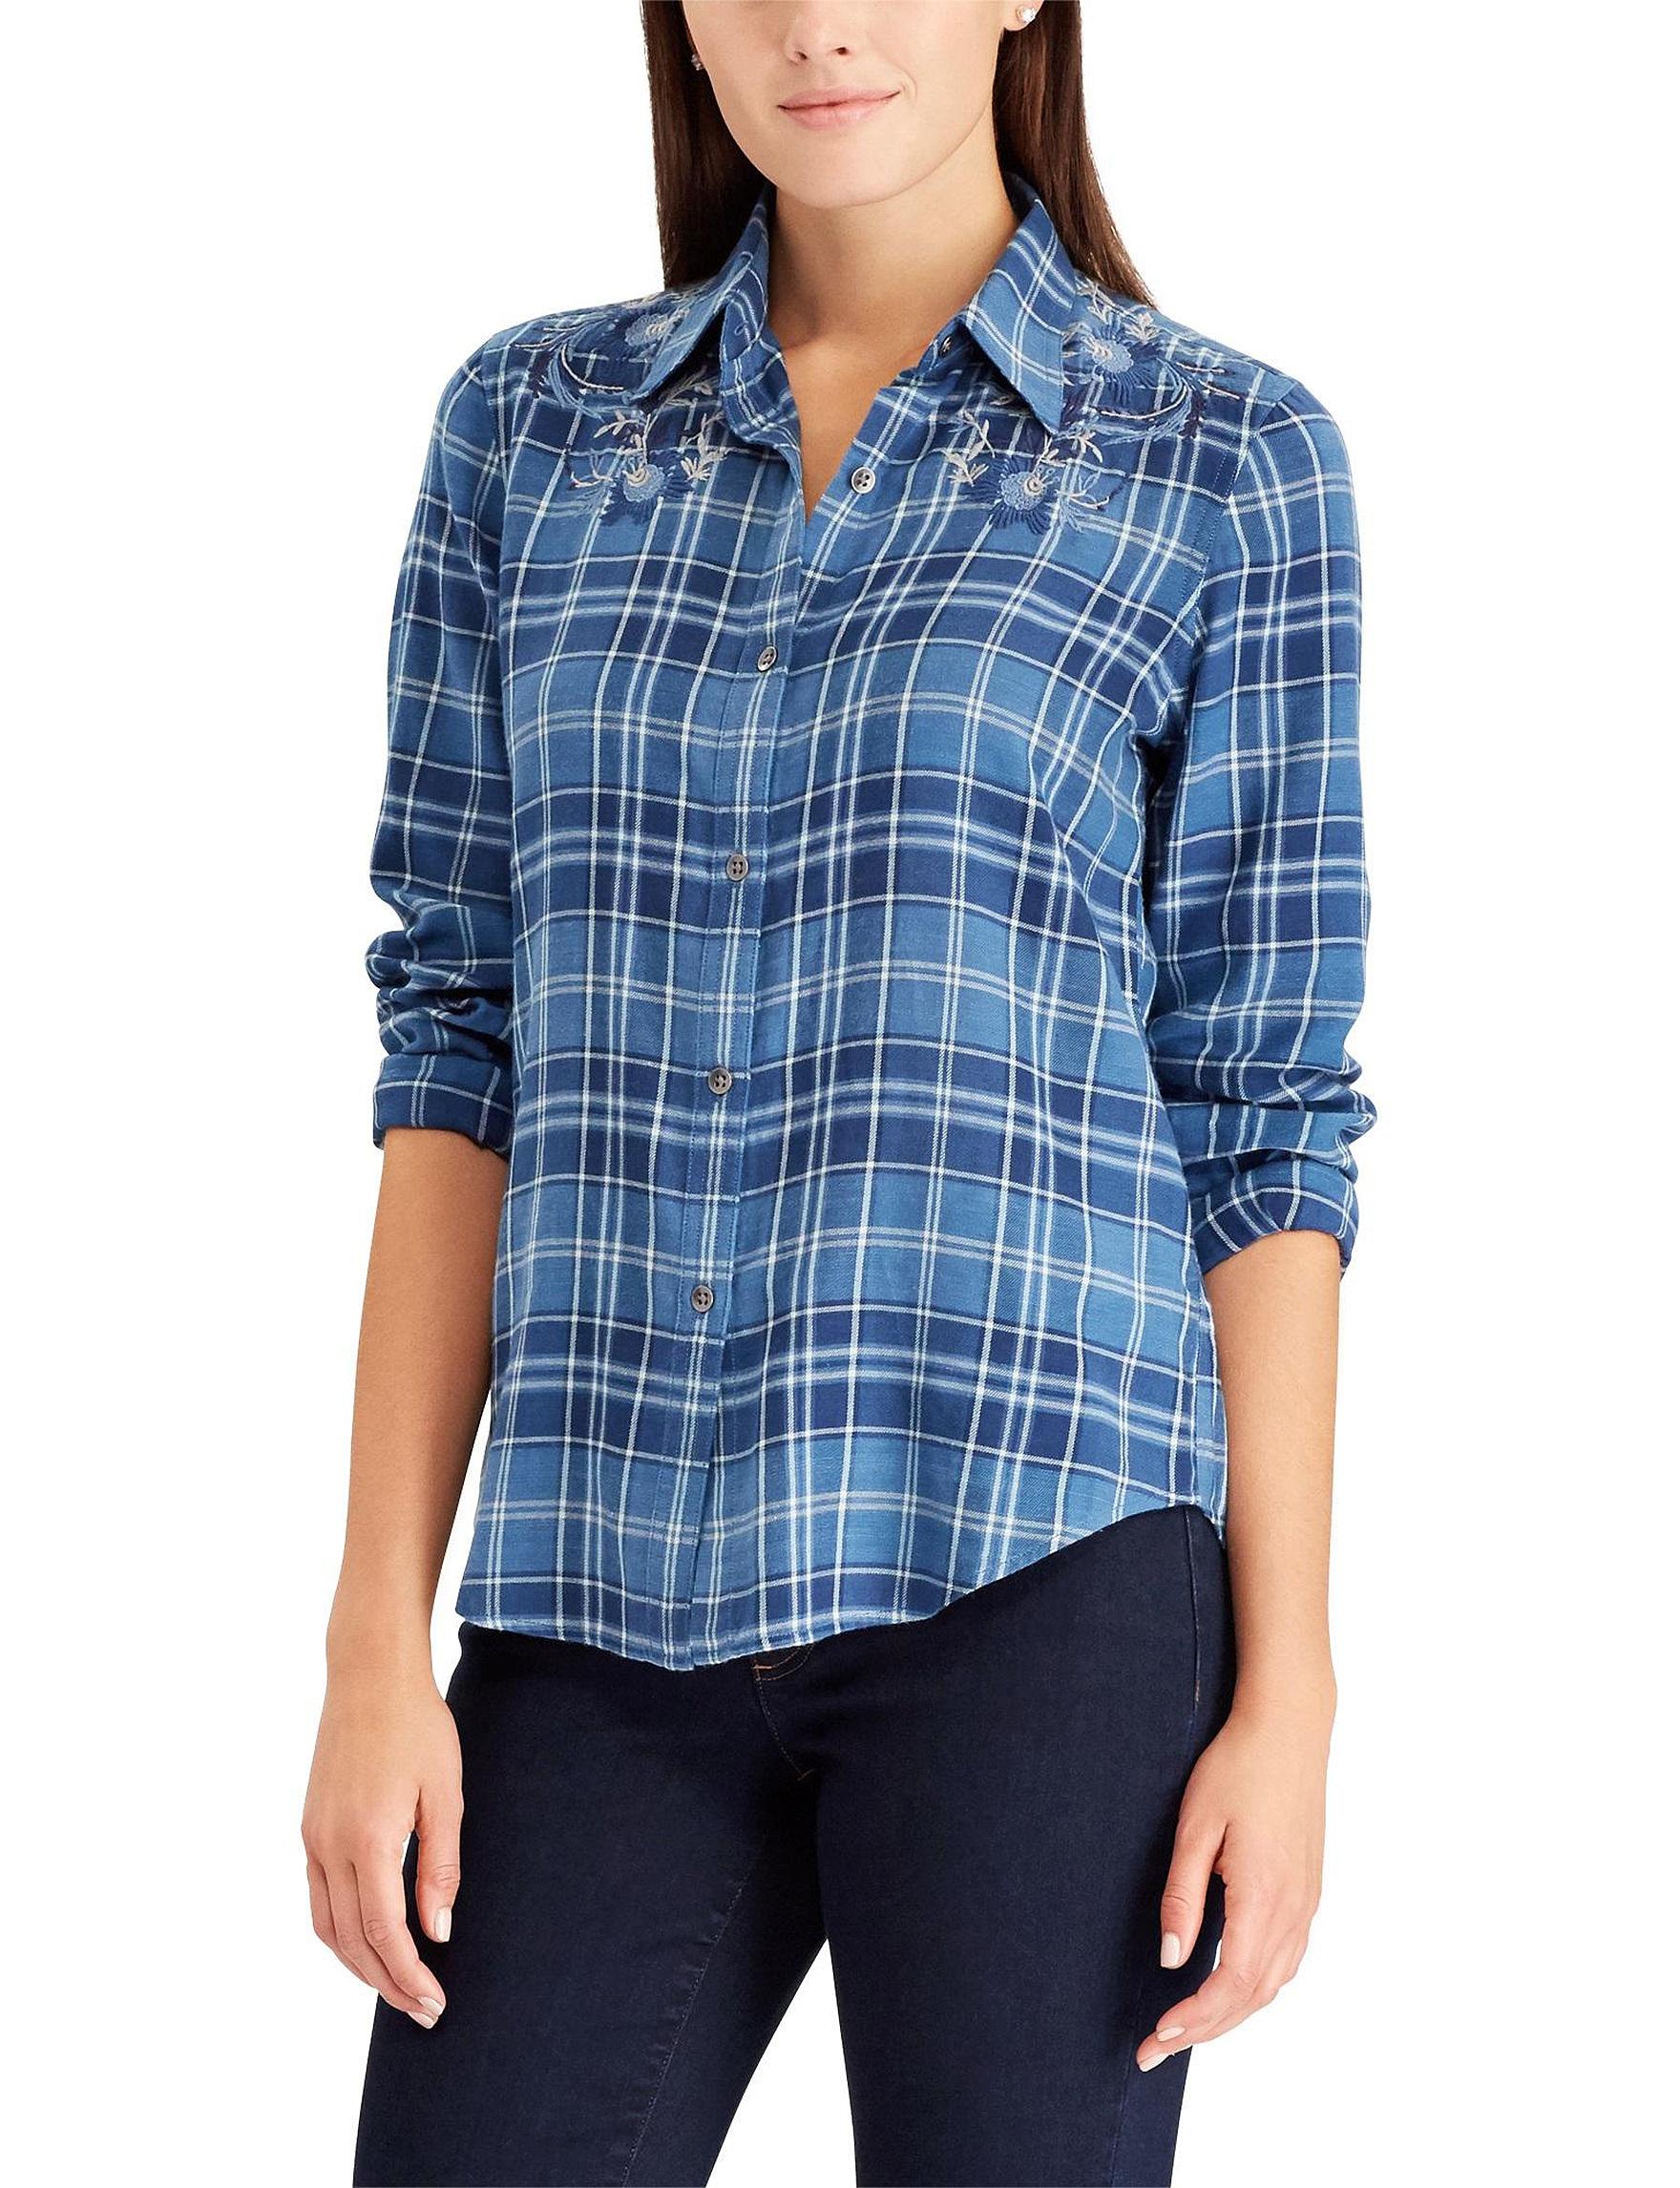 Chaps Blue Plaid Shirts & Blouses